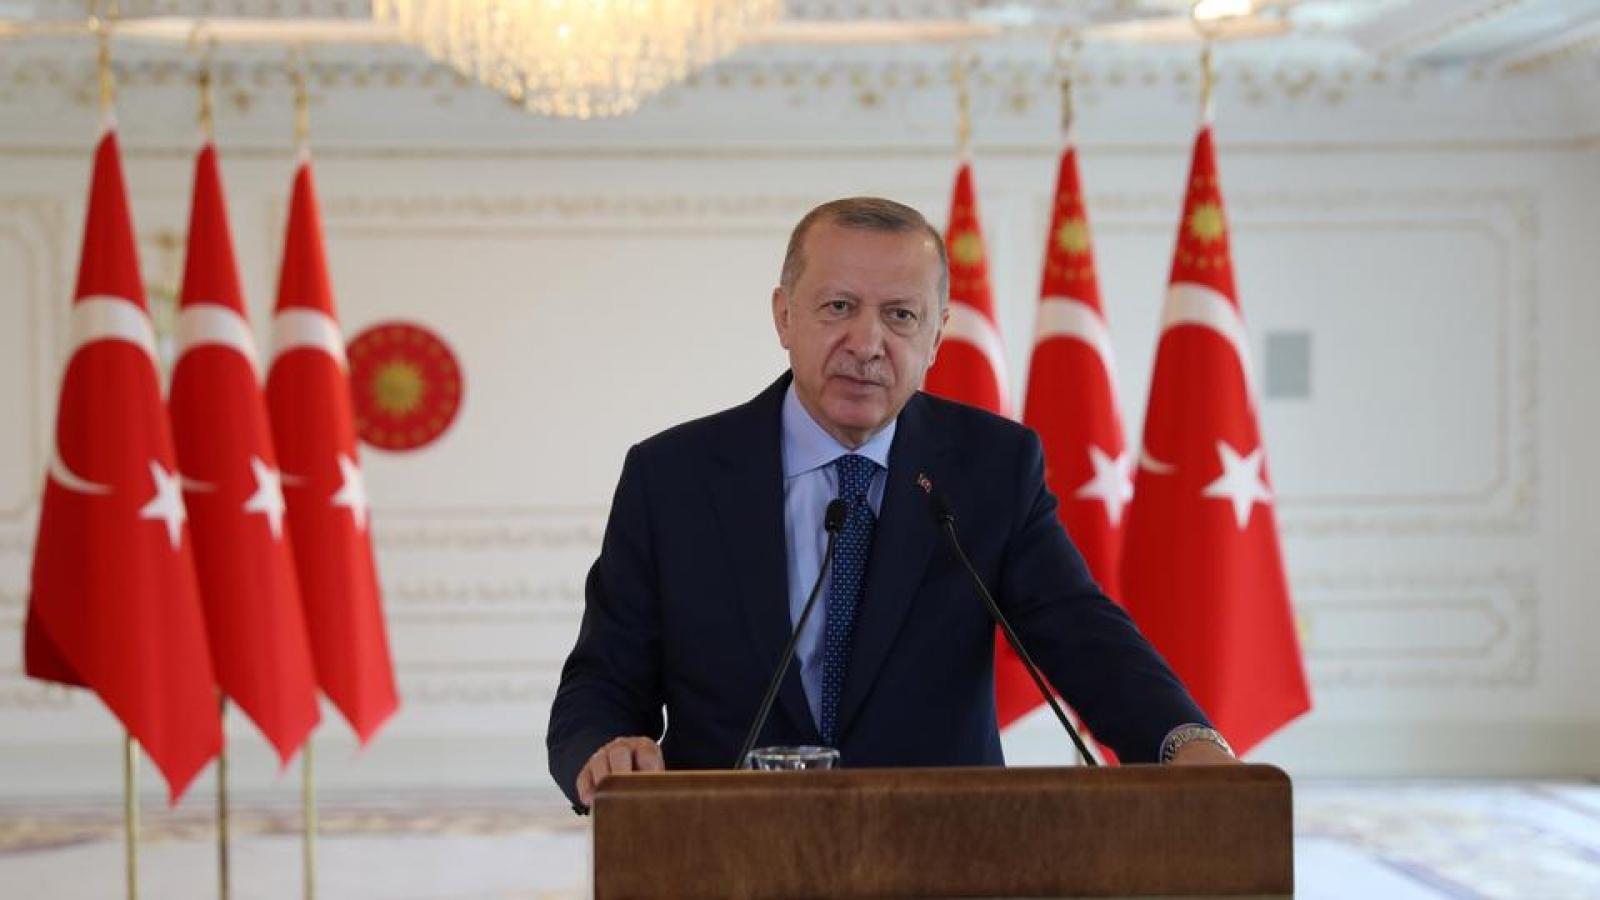 Thổ Nhĩ Kỳ tuyên bố sẵn sàng cho mọi khả năng tại Đông Địa Trung Hải